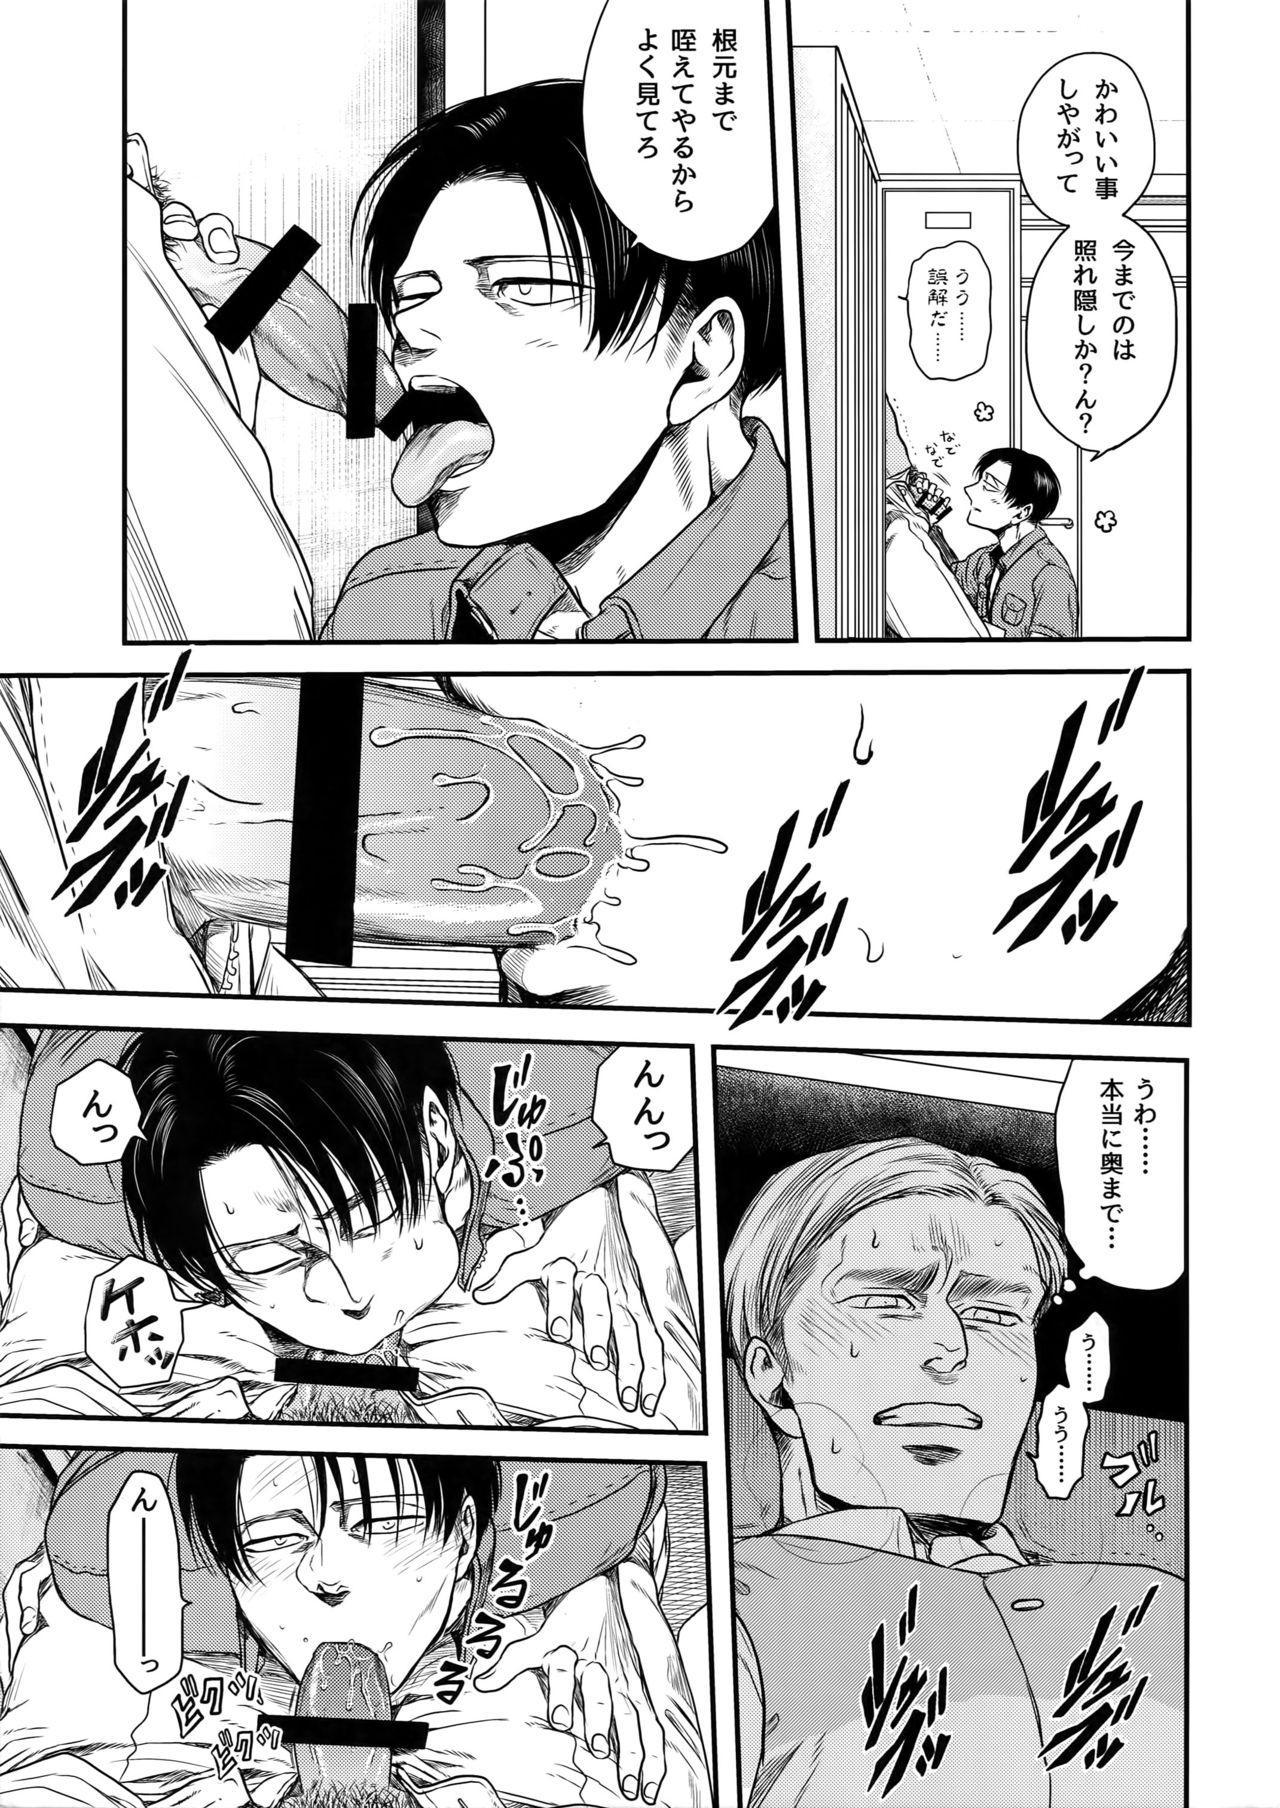 Rekishi Kyoushi to Seisouin 9